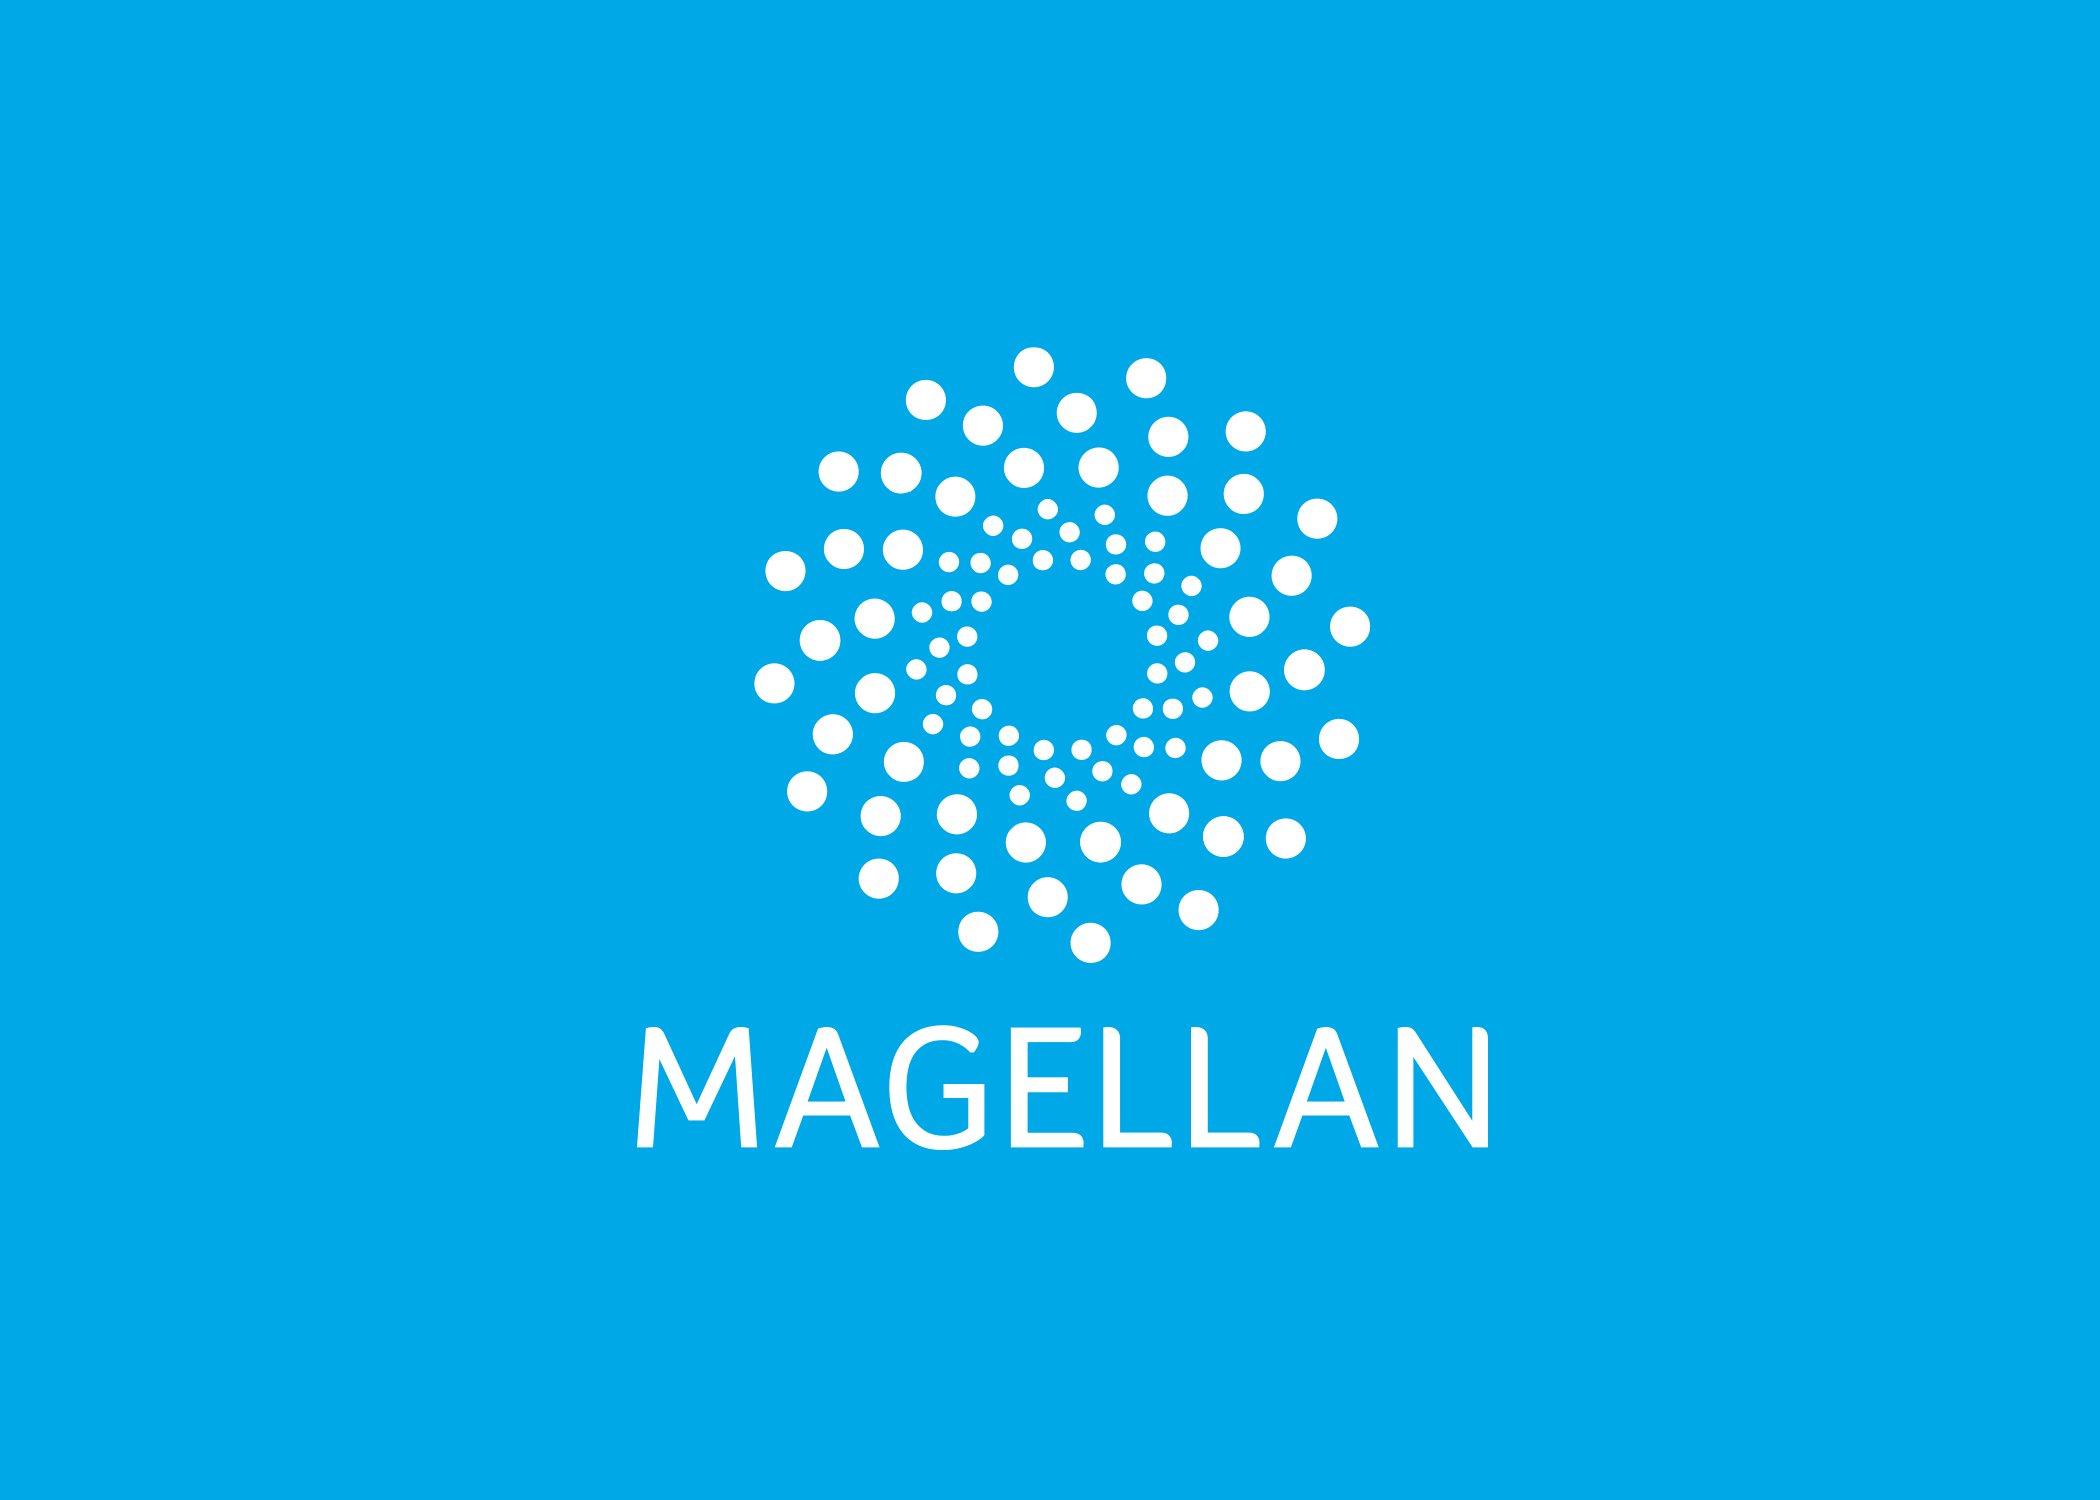 MAGELLAN 01 f